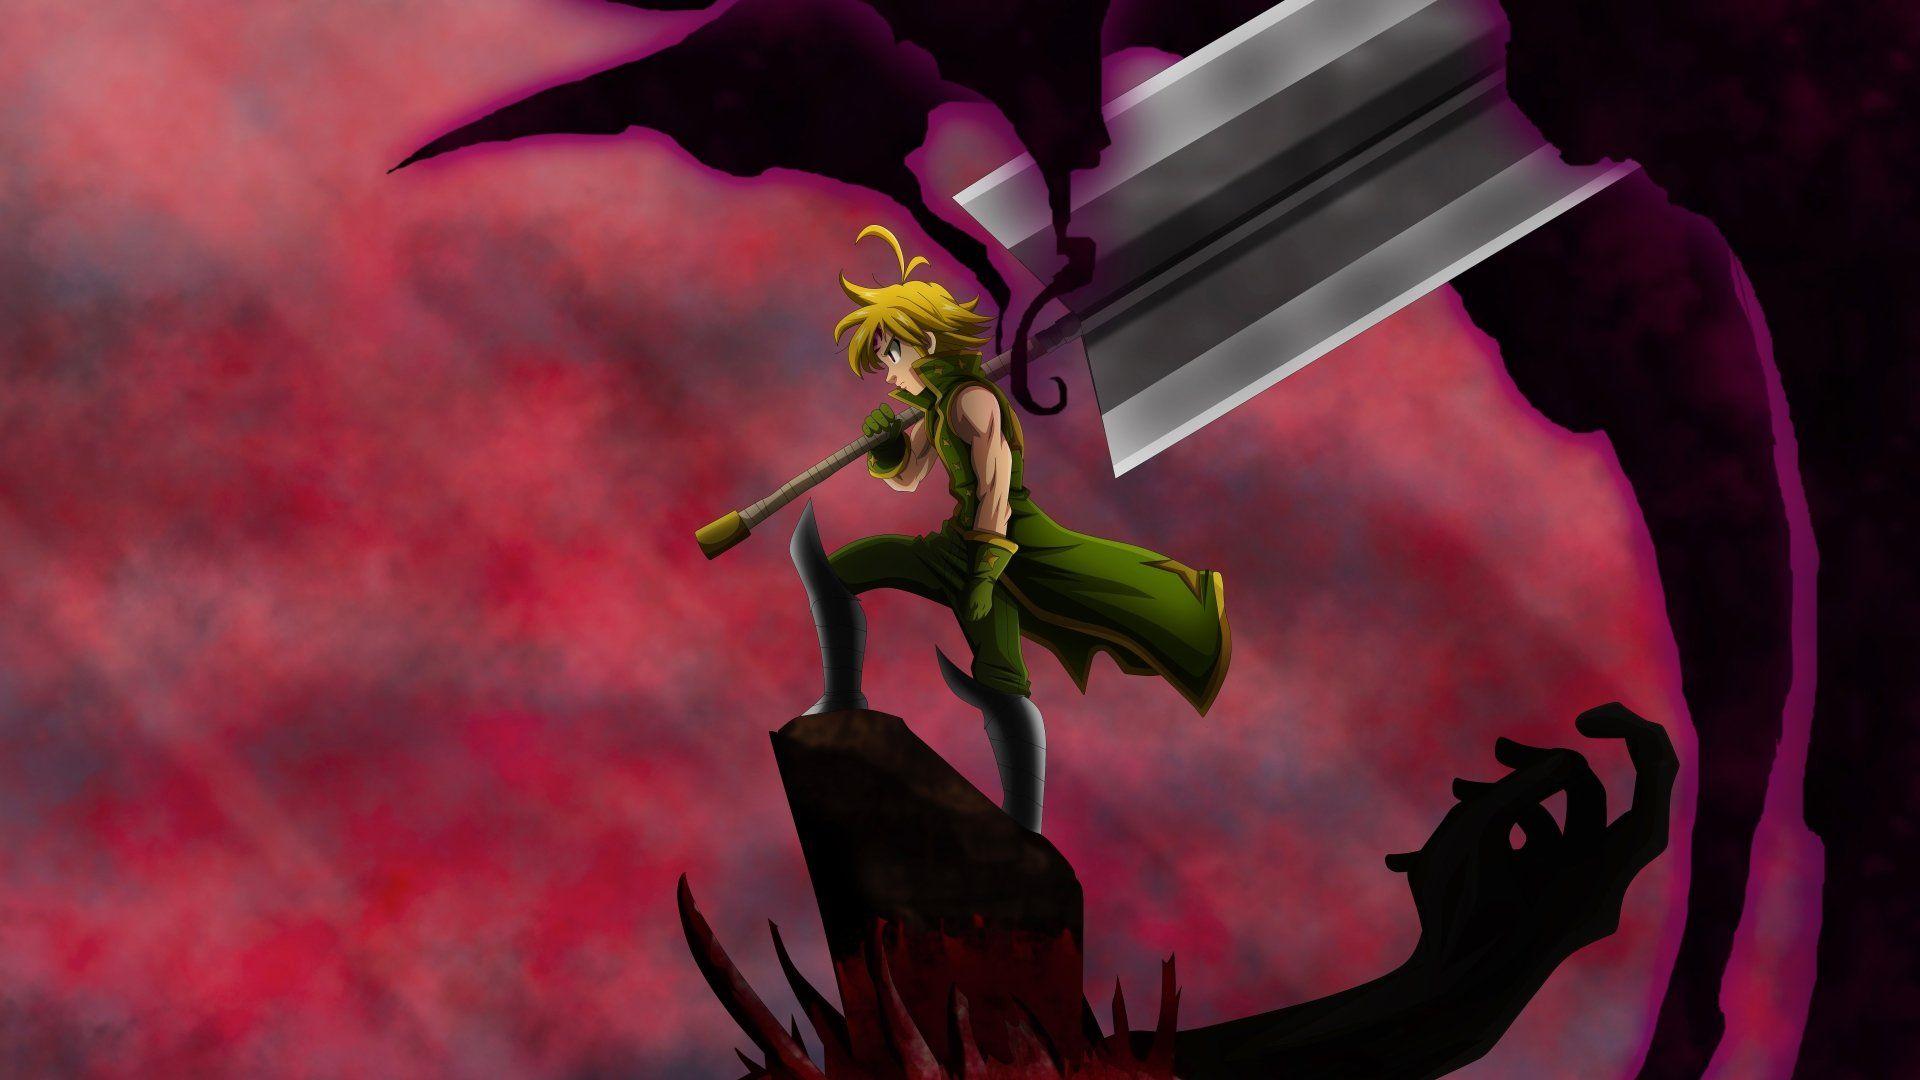 Anime Seven Deadly Sins Meliodas The Seven Deadly Sins Boy Epee